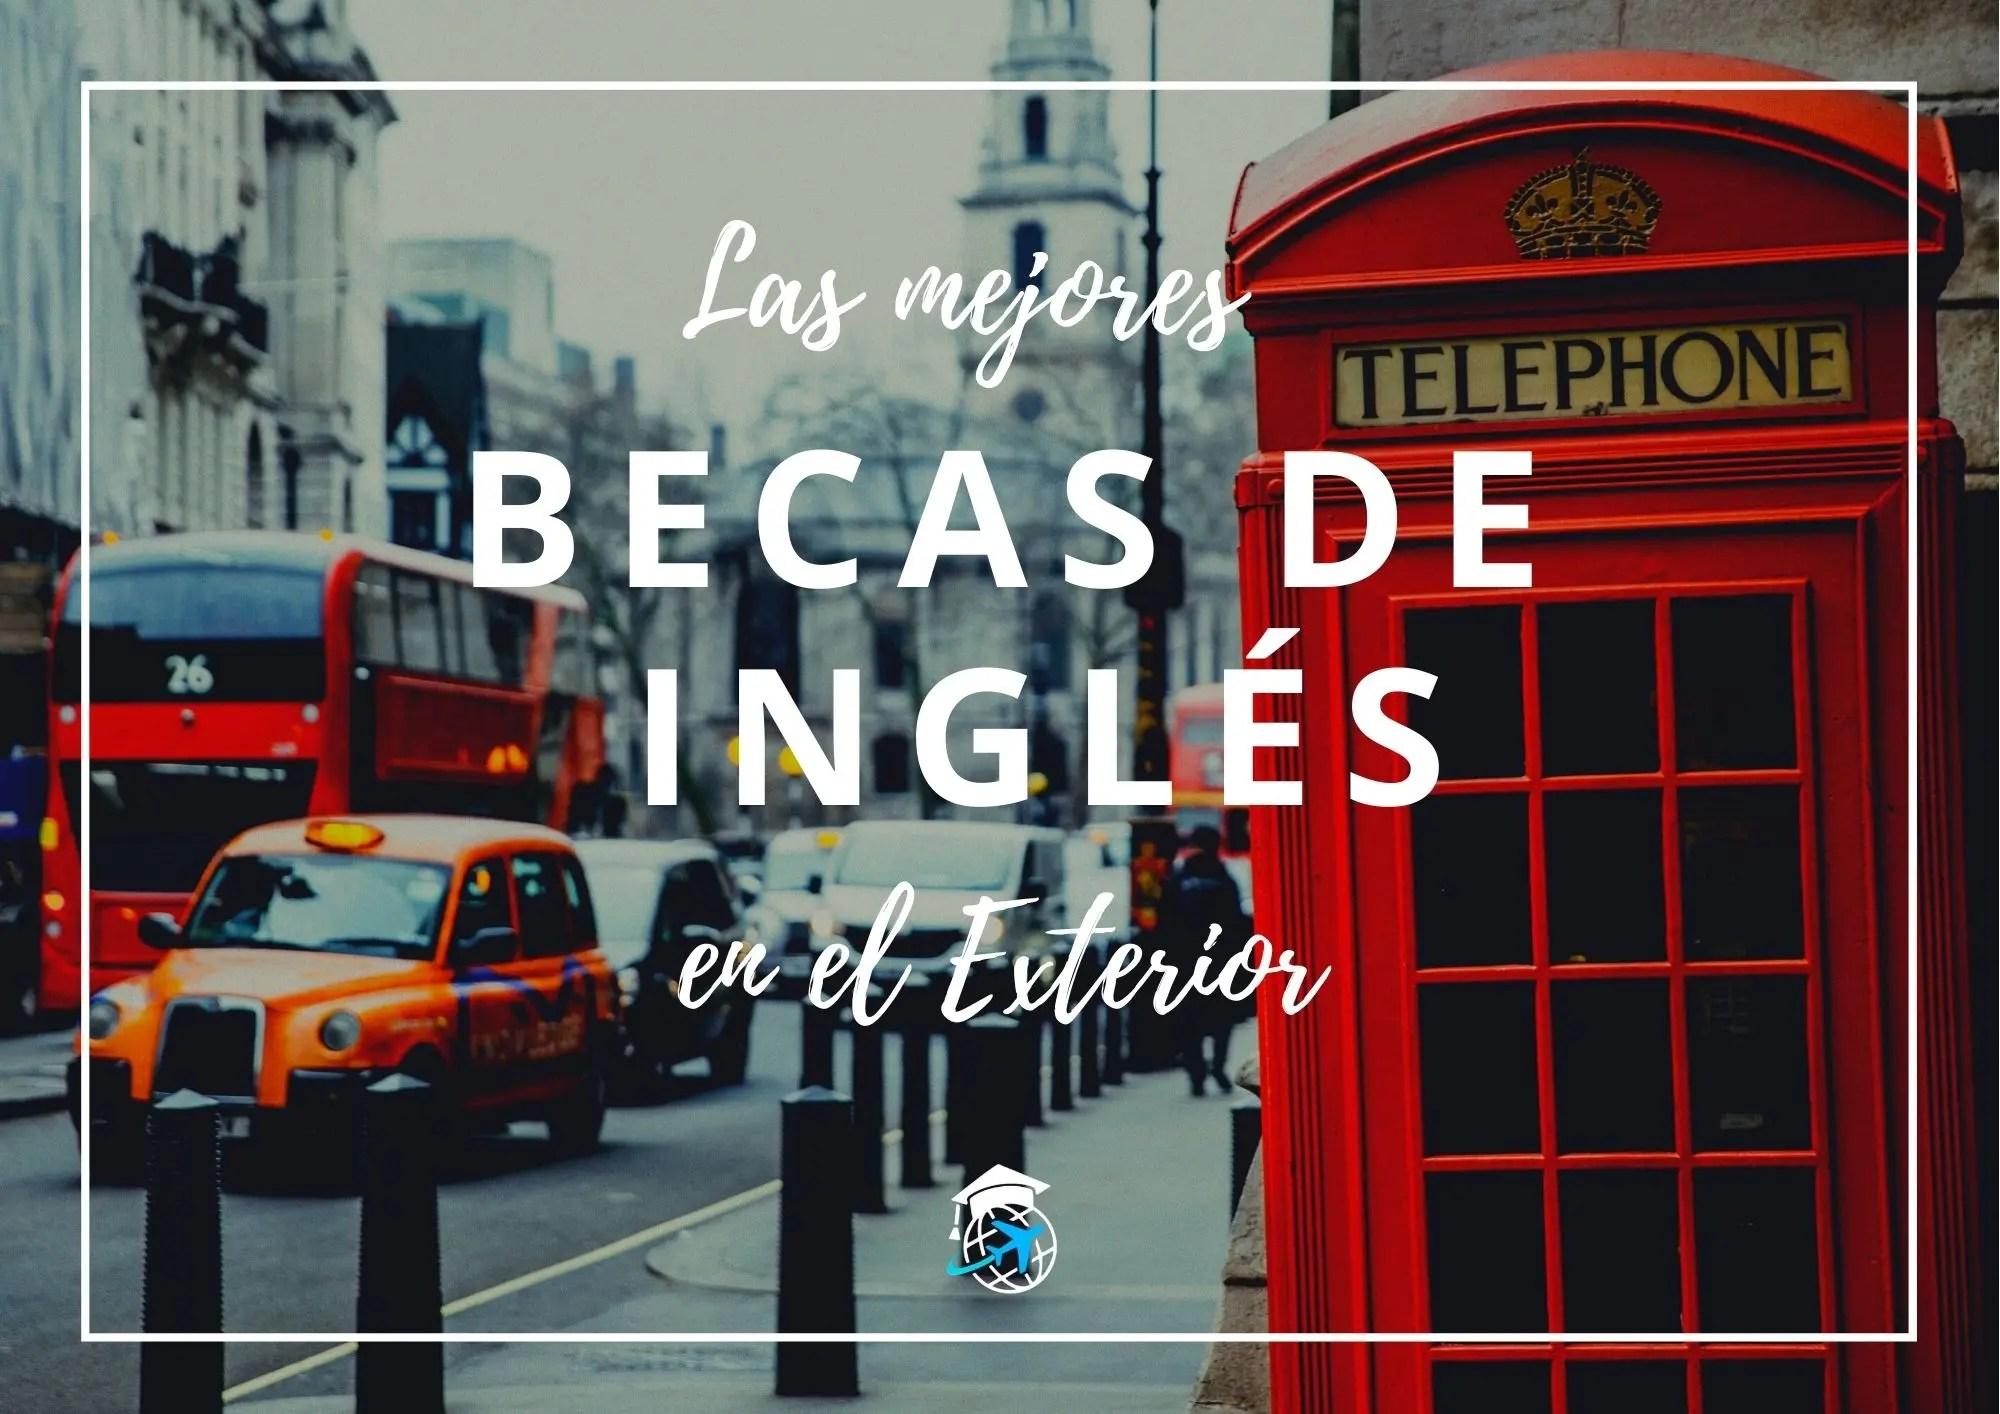 becas para estudiar ingles en el exterior